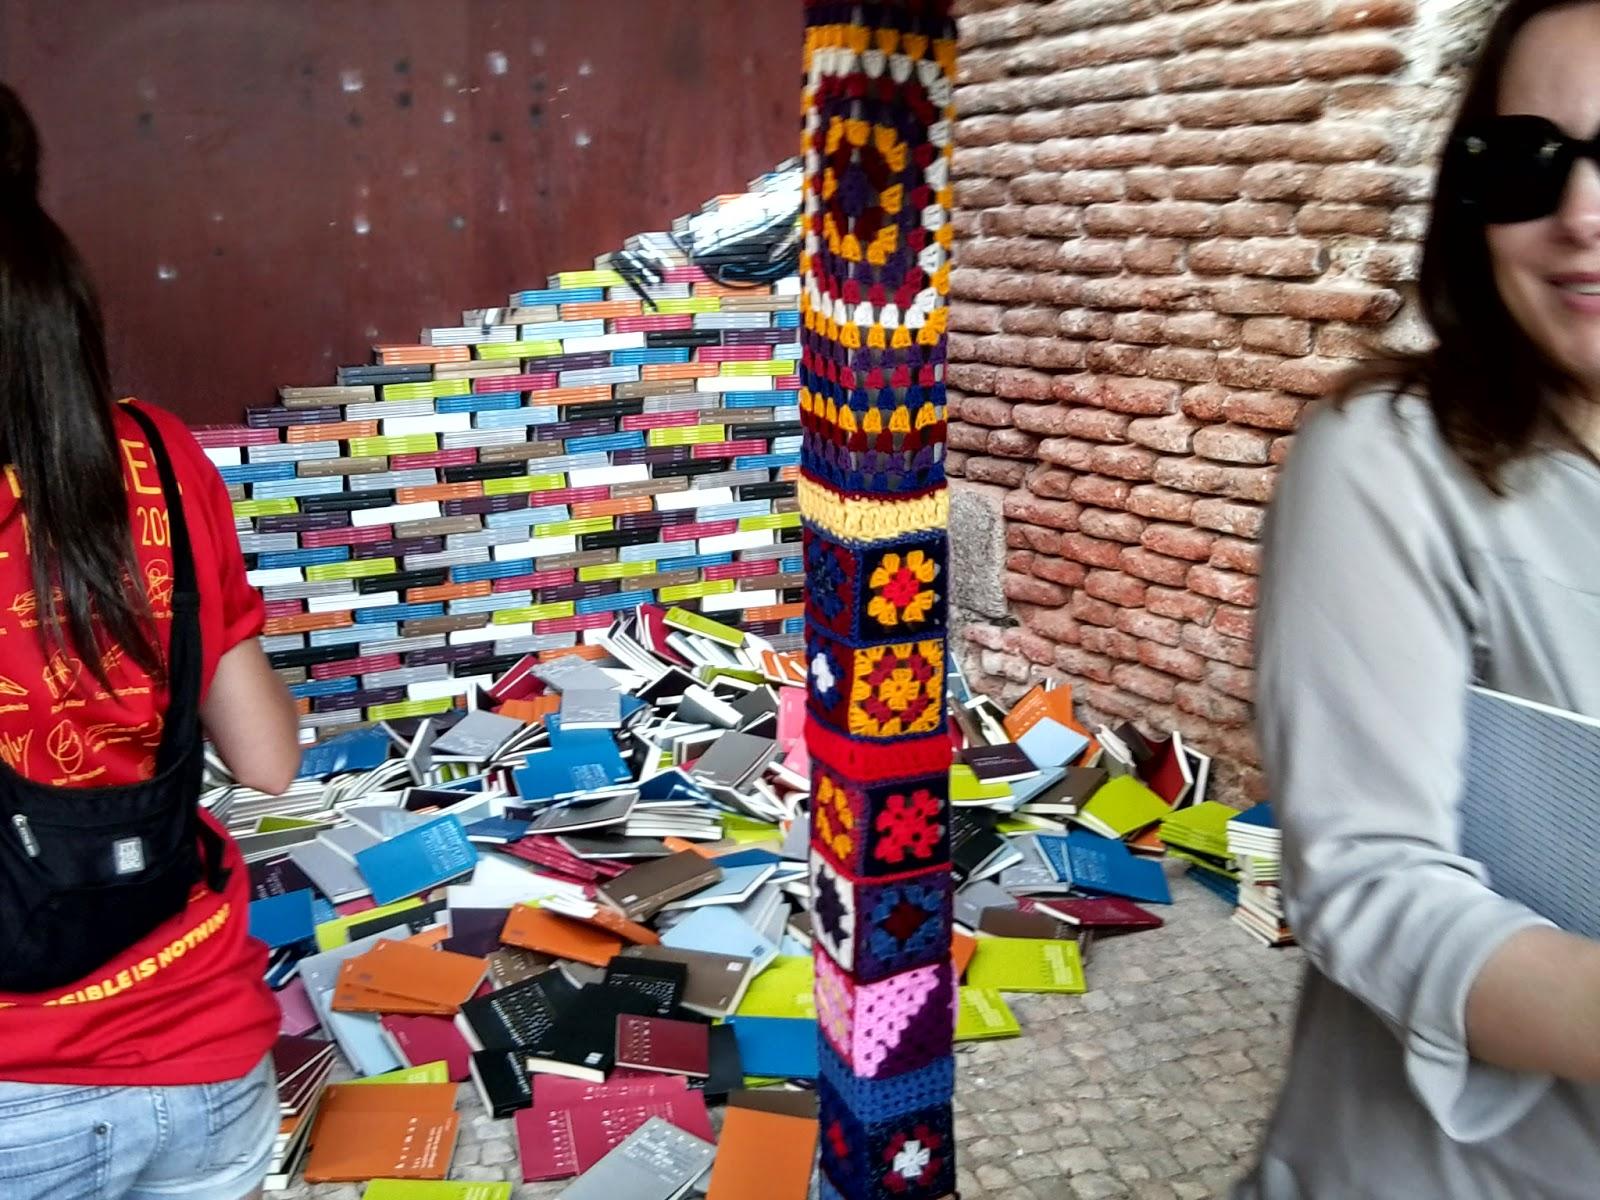 Arte, Arte contemporáneo, Exposiciones Madrid, Blog de Arte, Voa-Gallery, Yvonne Brochard, Masquelibros, Suso33,